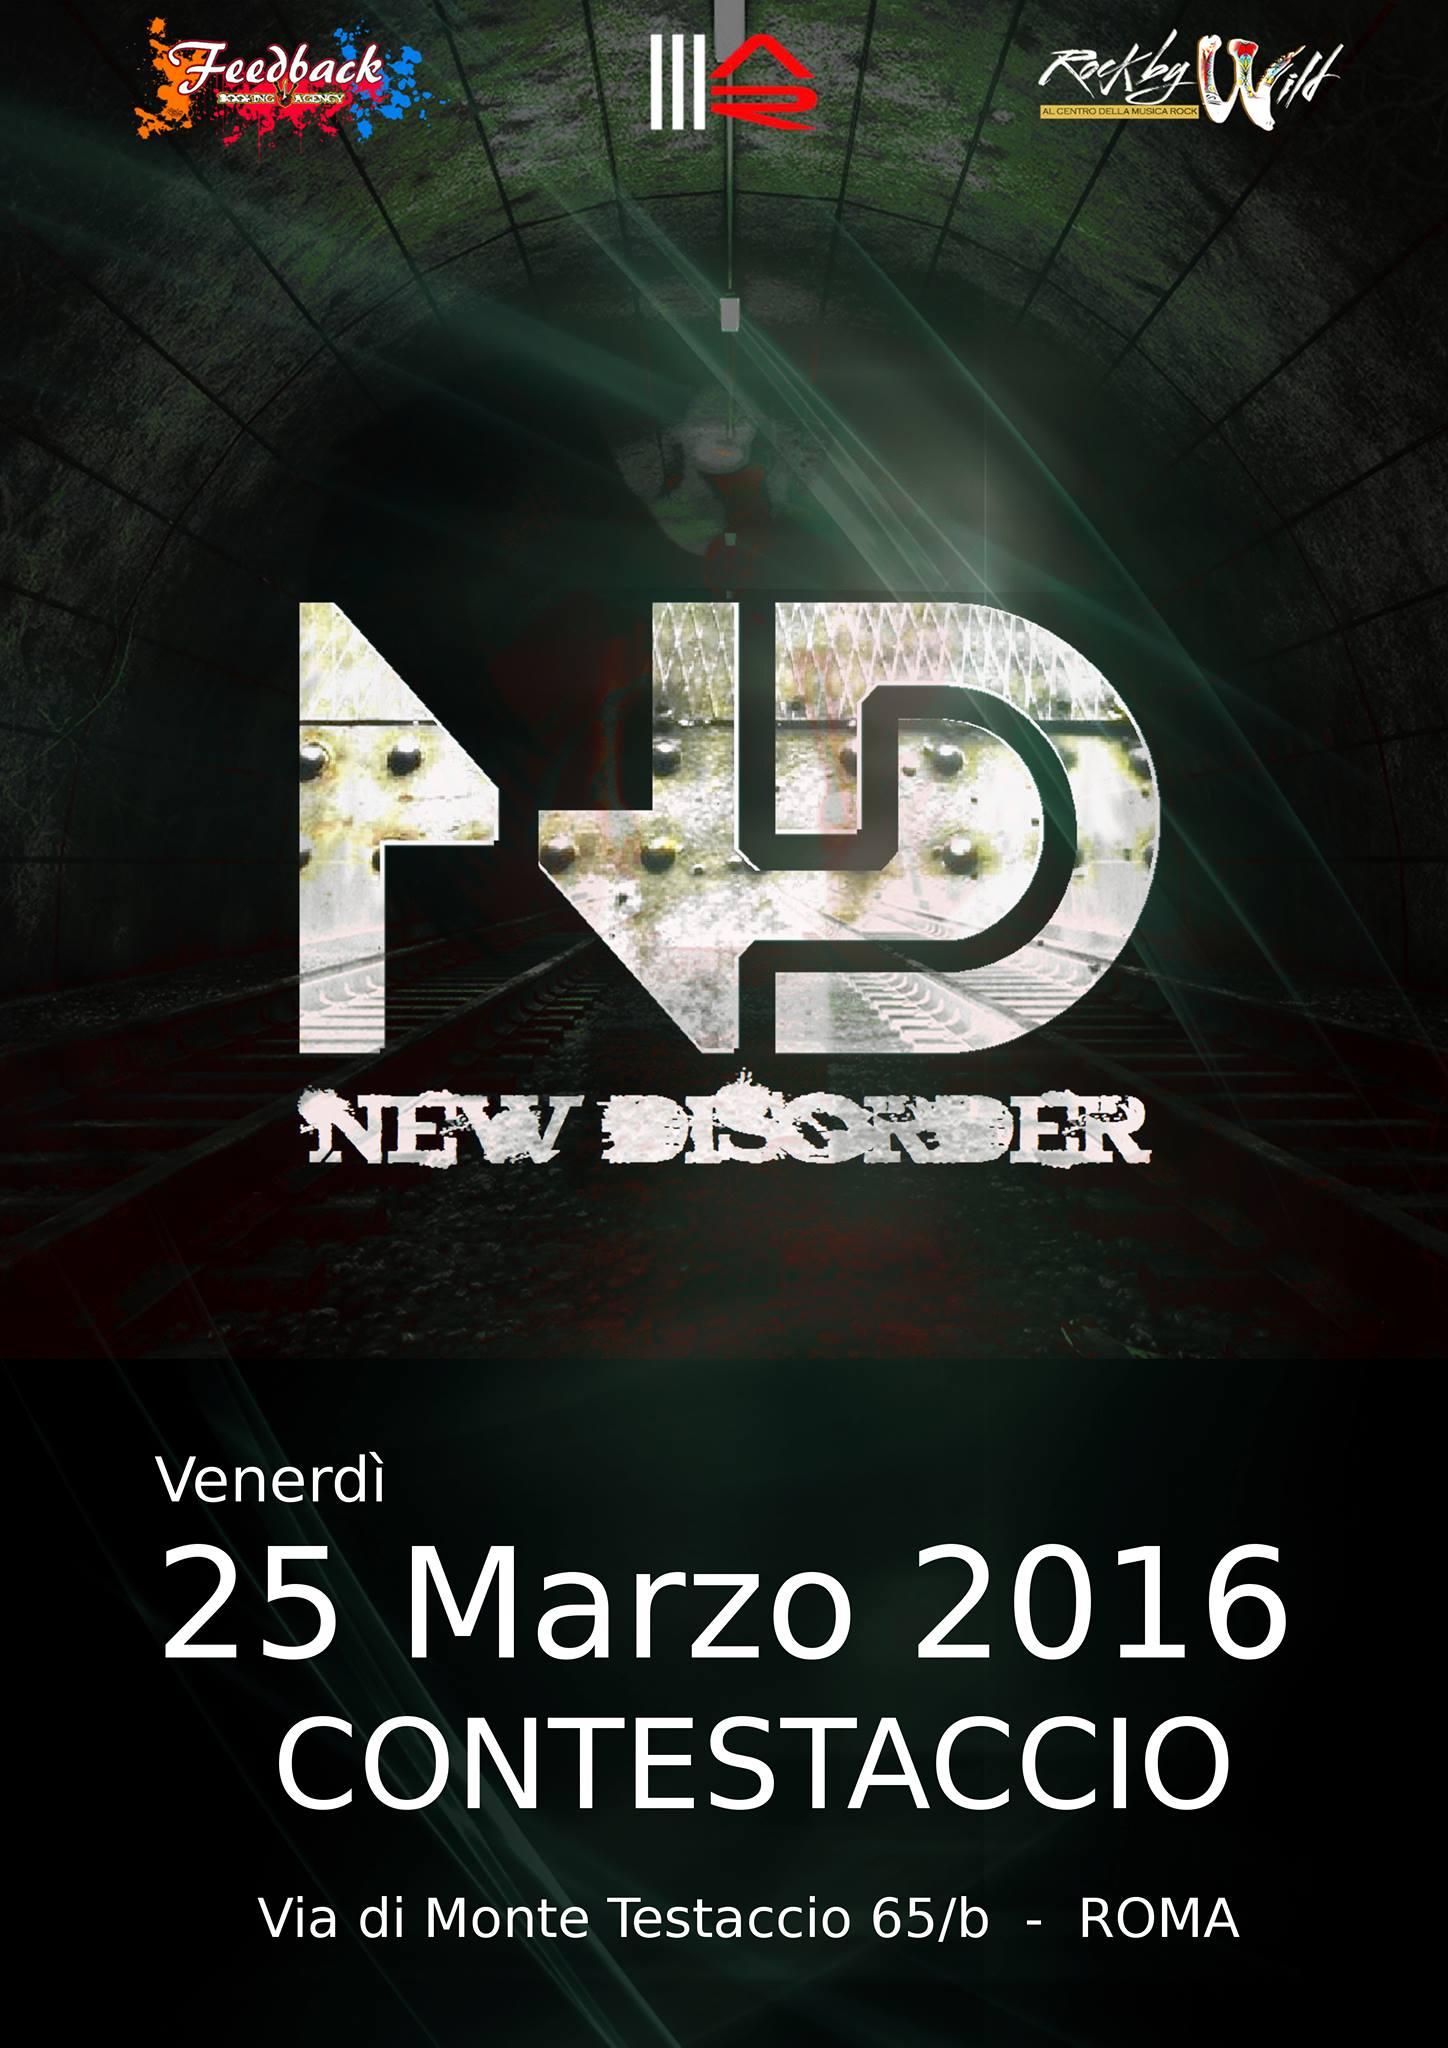 New Disorder live @ Contestaccio - 25 03 2016